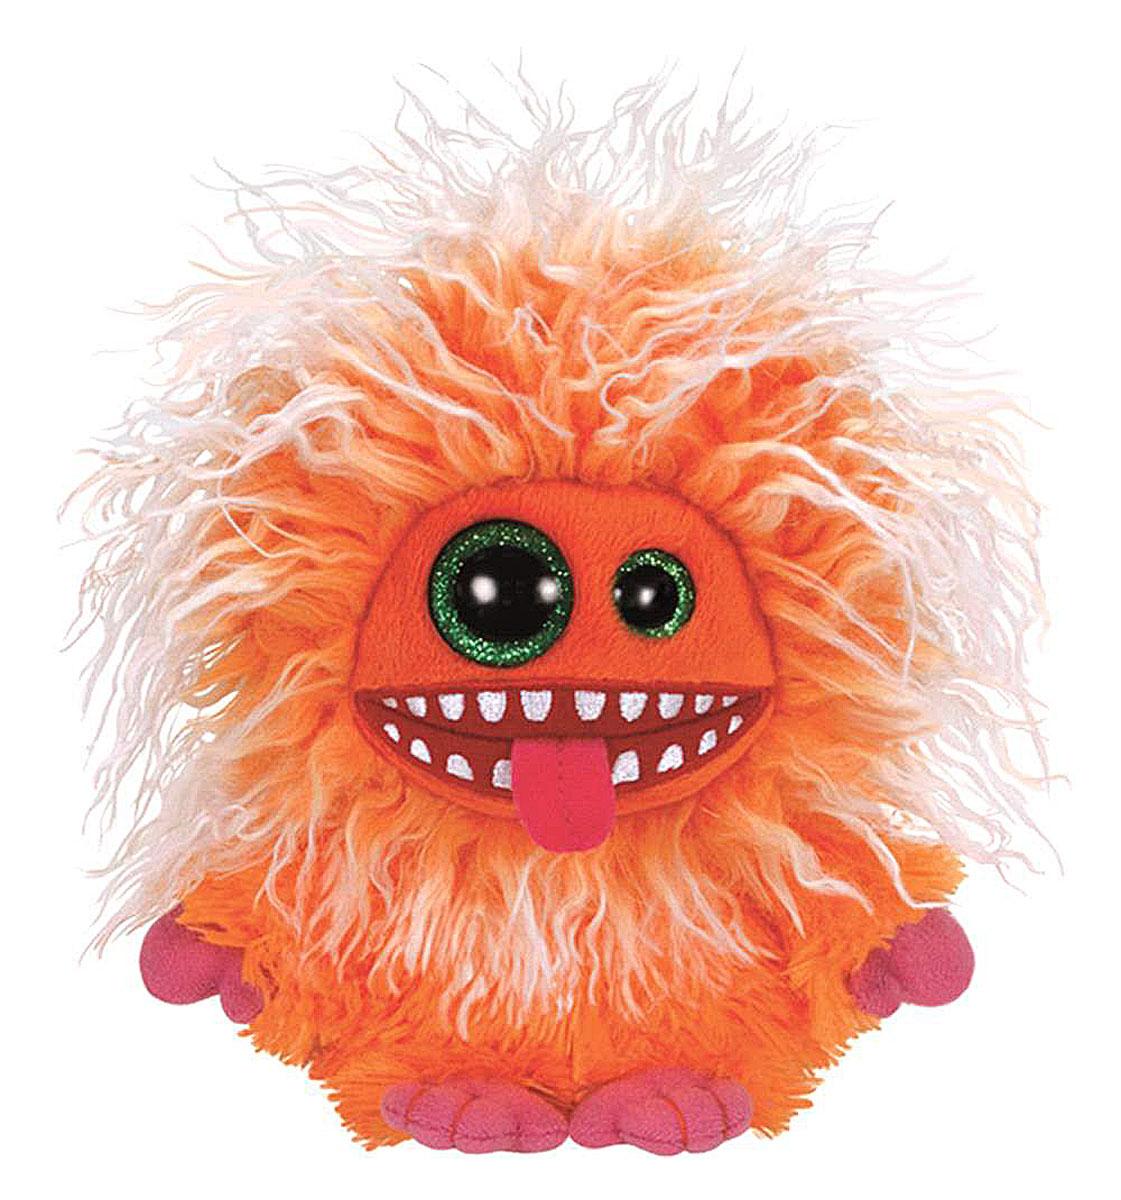 TY Мягкая игрушка Домовенок Plopsy 15 см37135пцМягкая игрушка Plopsy вызовет улыбку у каждого, кто ее увидит. Игрушка изготовлена из безопасных, приятных на ощупь материалов в виде милого мохнатого домовенка. Яркий монстрик Plopsy, с зелеными глазками разного размера, еще никого не оставлял равнодушным! У Plopsy мягкая оранжевая шерстка и розовые лапки. Пластиковые гранулы, используемые при набивке игрушки, способствуют развитию мелкой моторики рук ребенка. Симпатичная игрушка будет радовать вашего ребенка, а также способствовать полноценному и гармоничному развитию его личности. Великолепное качество исполнения делают эту игрушку чудесным подарком к любому празднику, как для ребенка, так и взрослого человека!